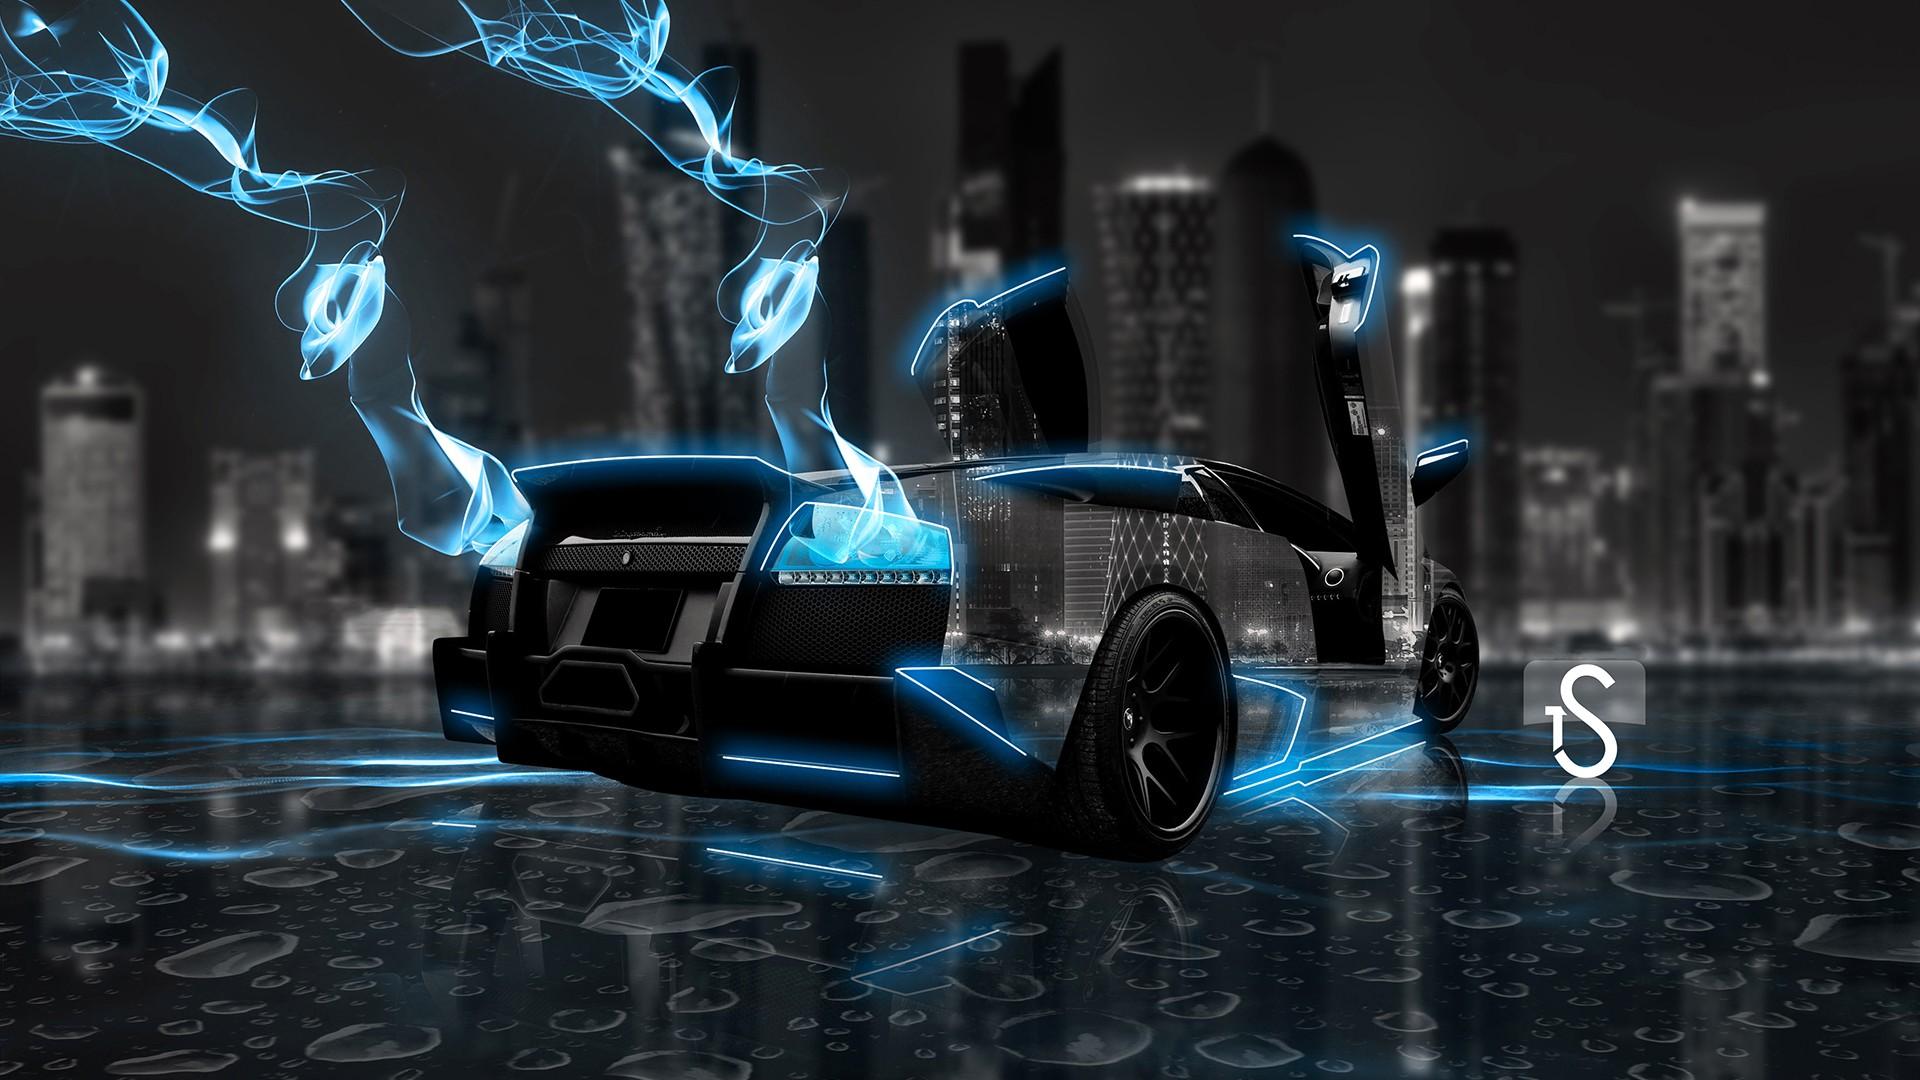 nghệ thuật số đêm xe hơi Render Xe hình dạng bóng tối Siêu xe Ảnh chụp